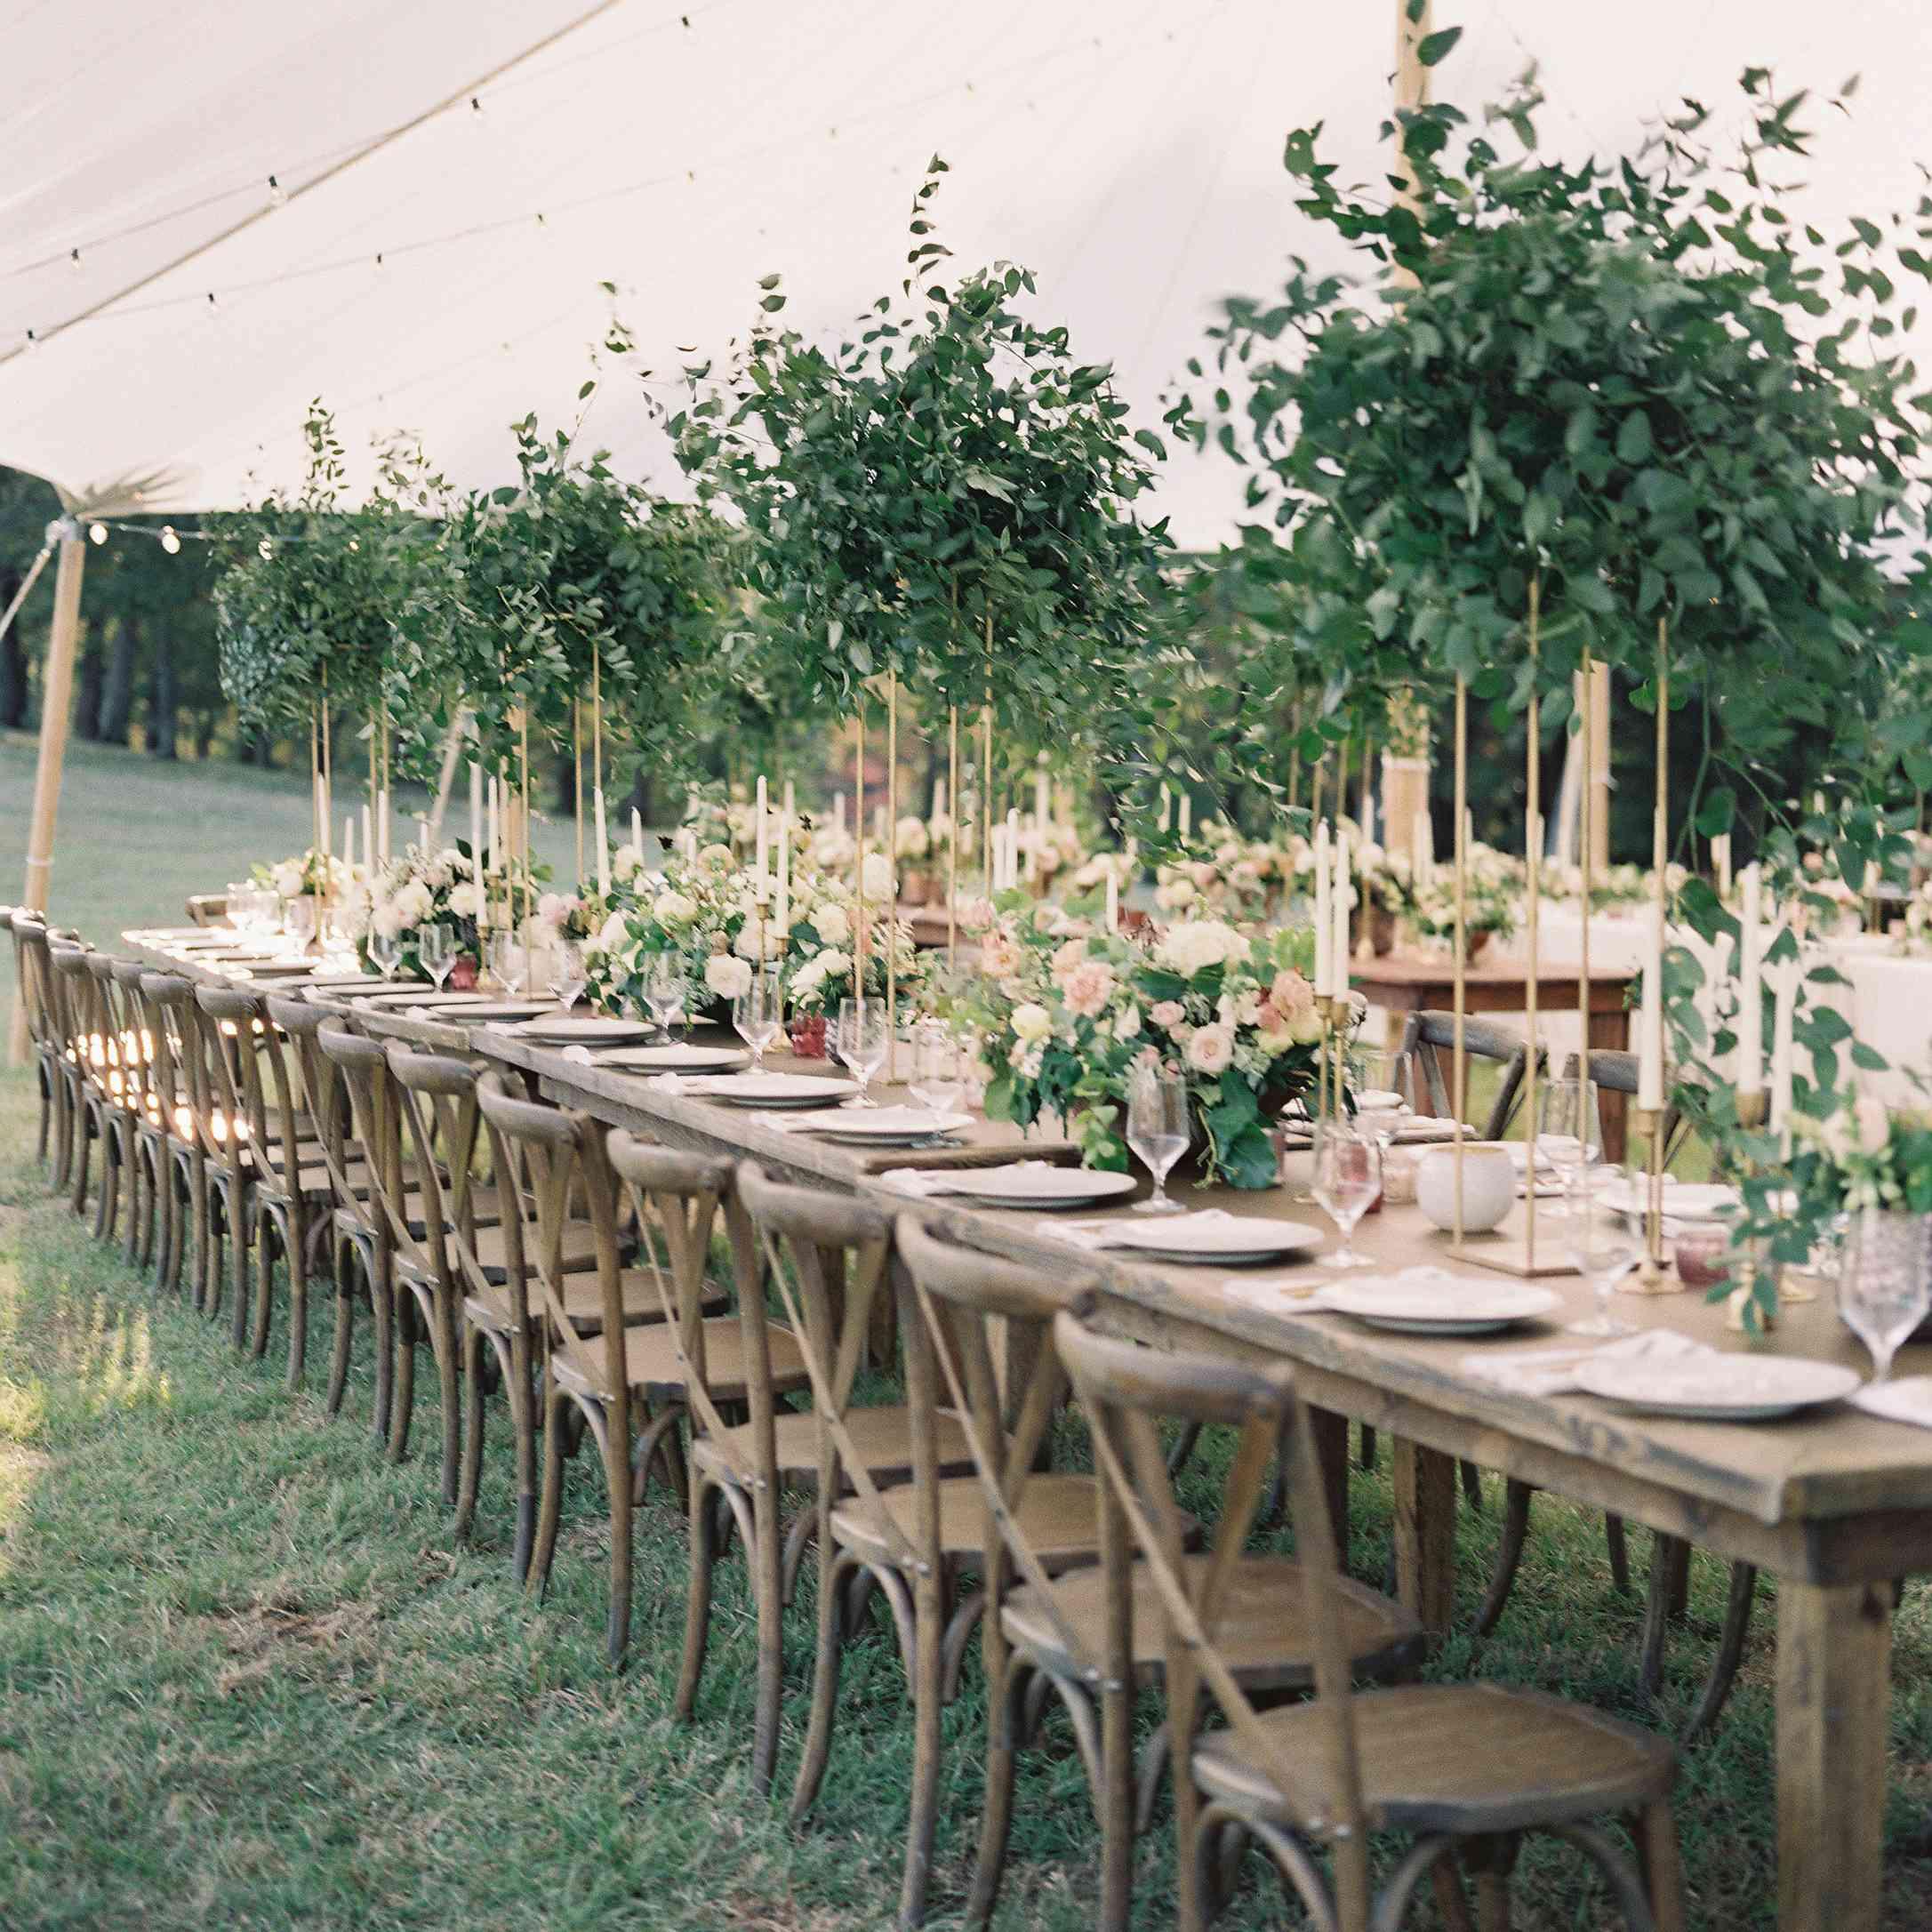 <p>Wedding reception tablescape</p><br><br>